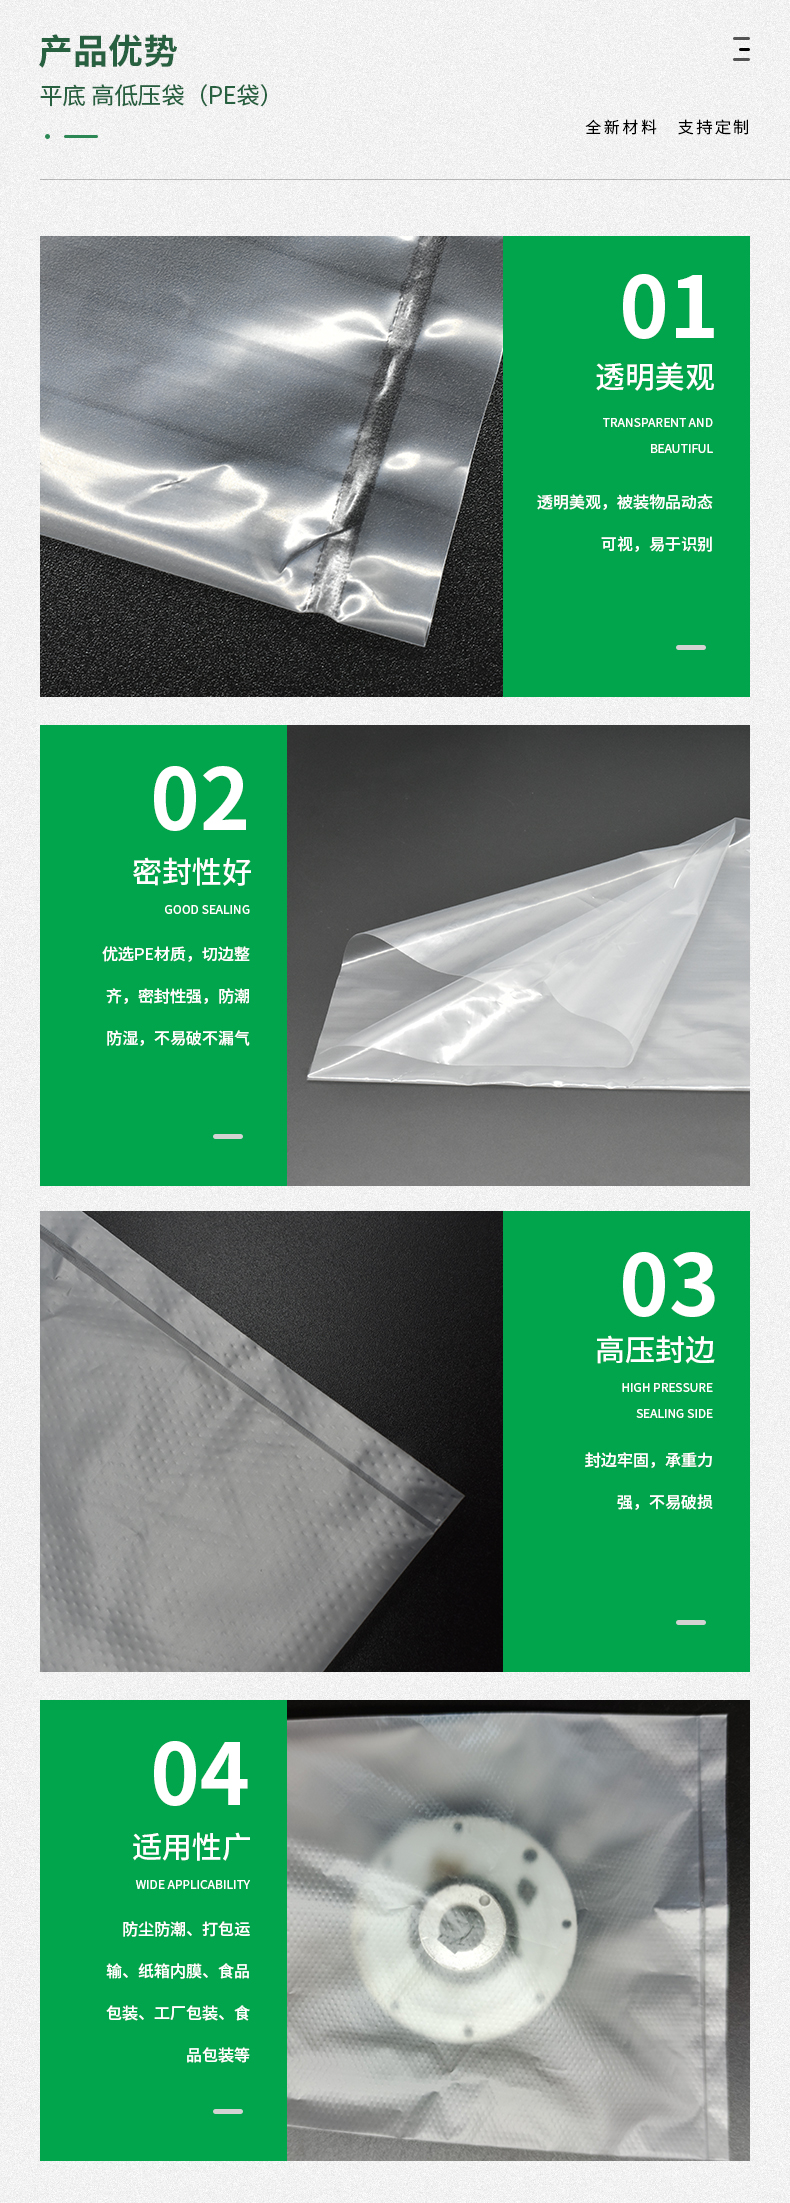 平底-高低压袋(PE袋)_05.jpg